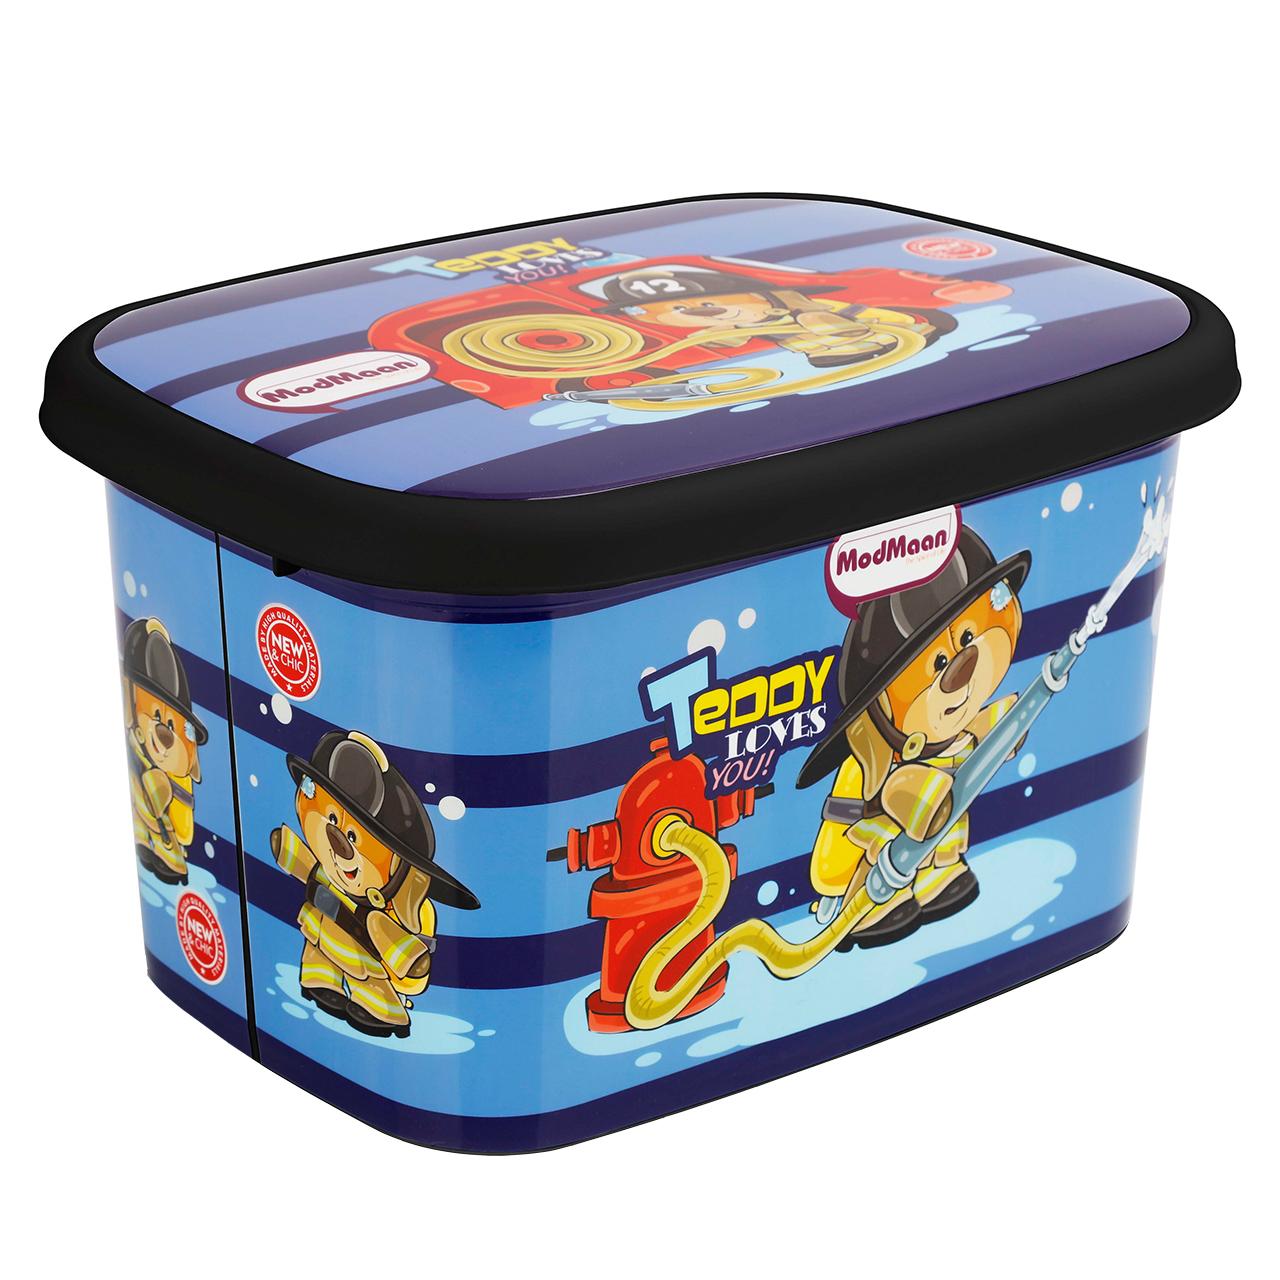 جعبه اسباب بازی کودک مدمان طرح بلک خرس آتش نشان کد1